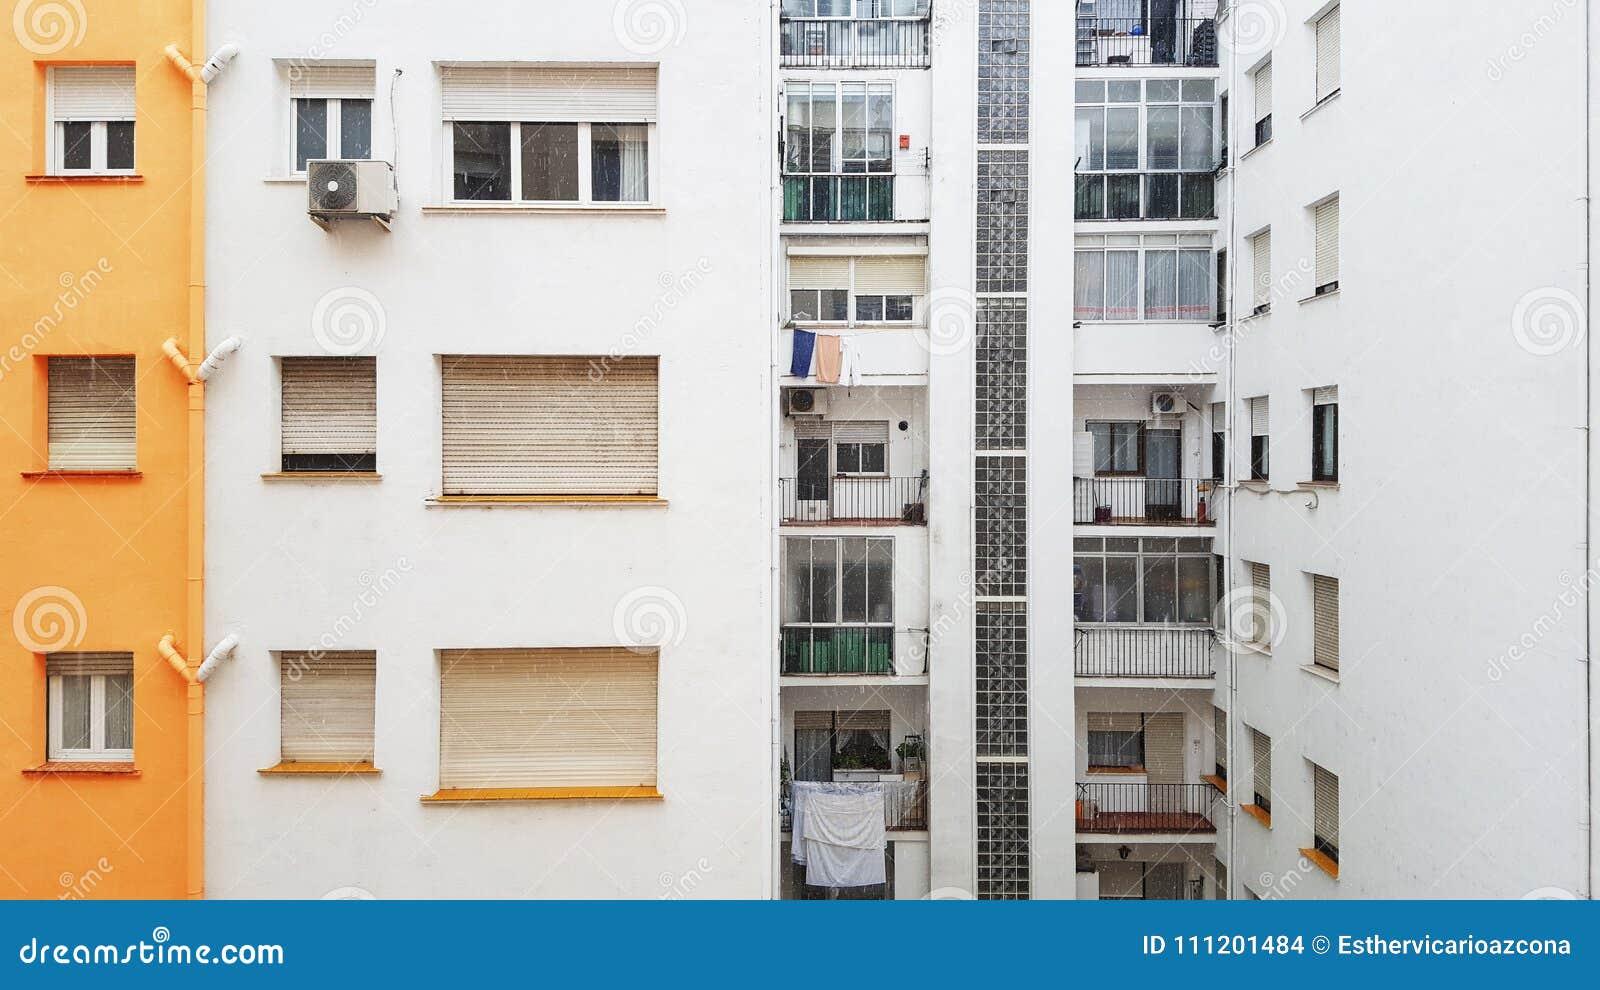 Façade du bâtiment résidentiel tandis que la neige tombe Sur la façade il y a les fenêtres et la climatisation